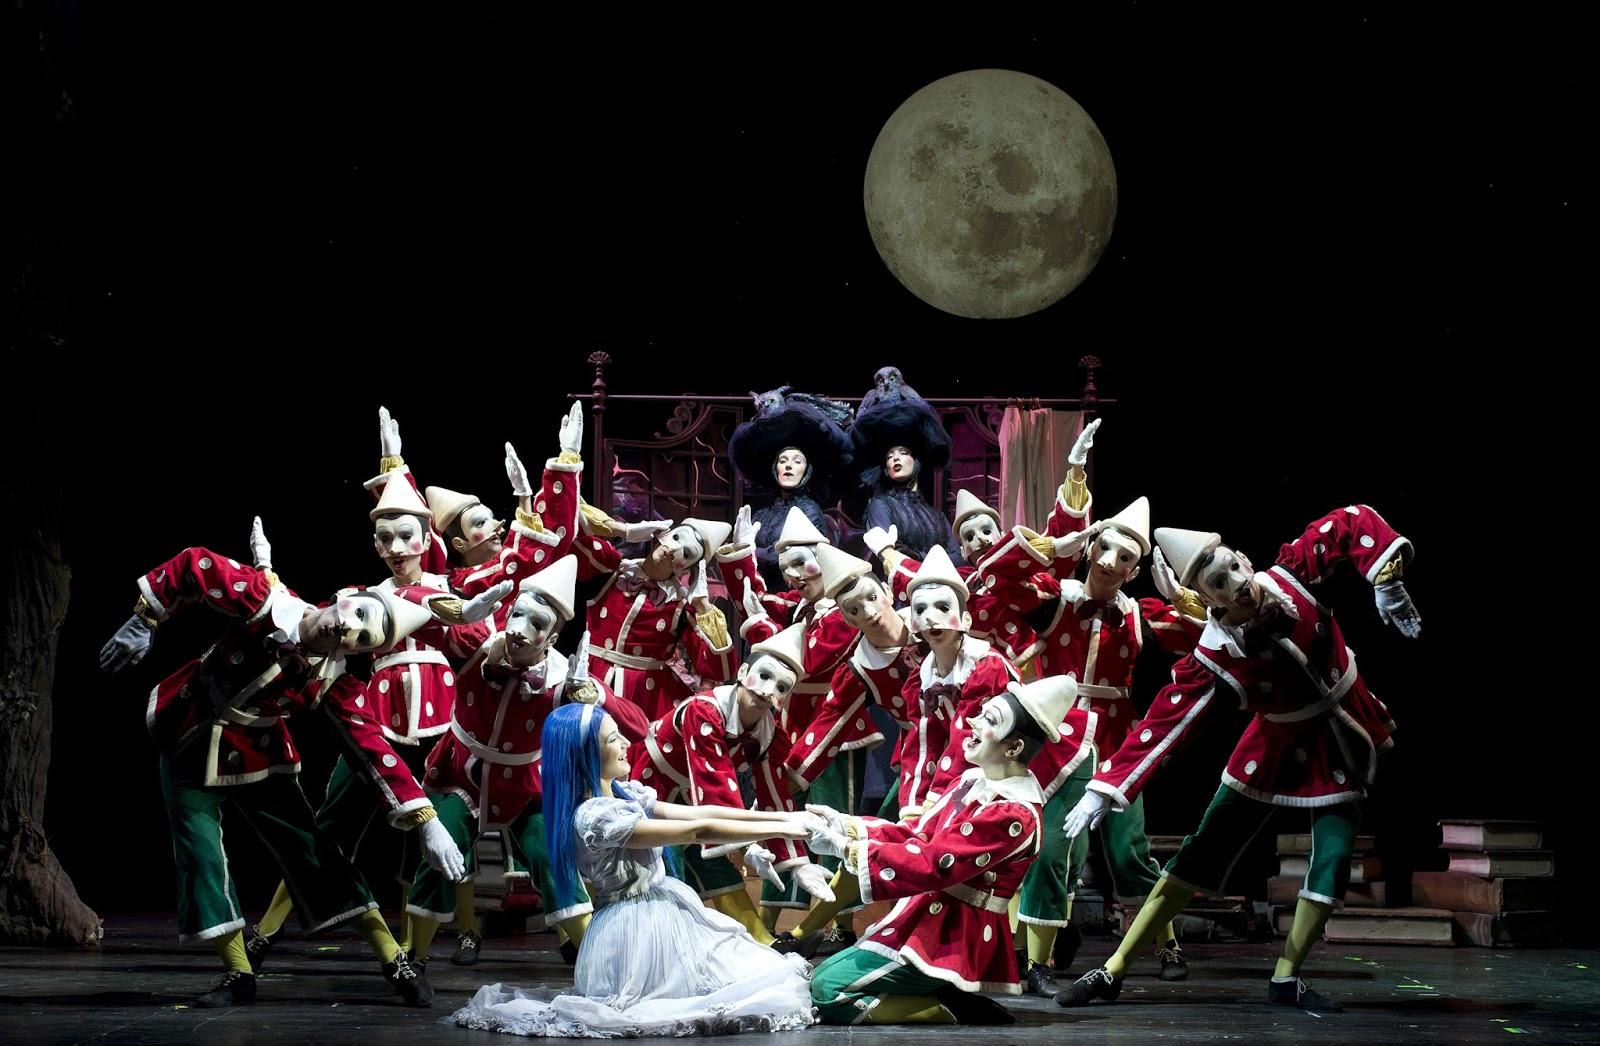 Pinocchio il grande musical- una meraviglia tutta italiana